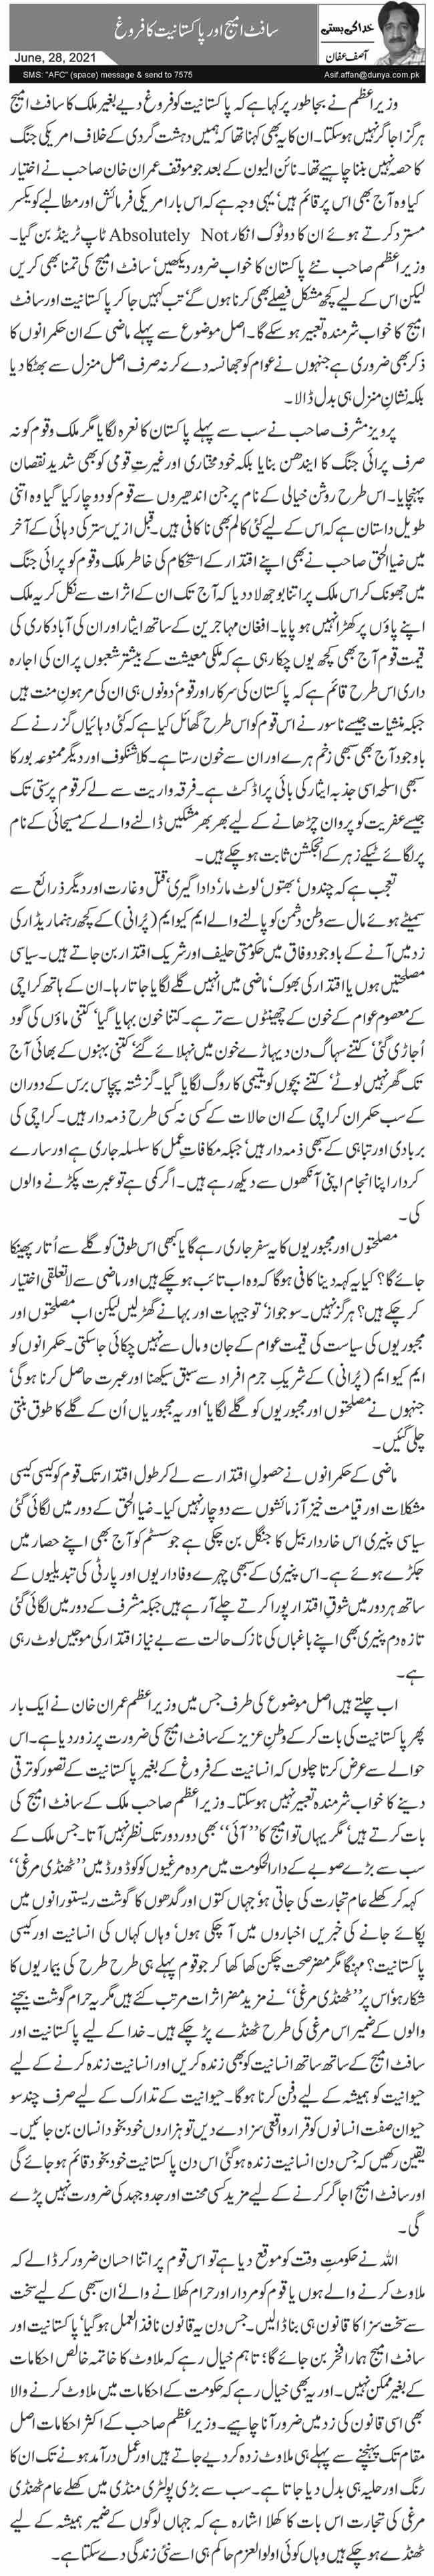 سافٹ امیج اور پاکستانیت کا فروغ